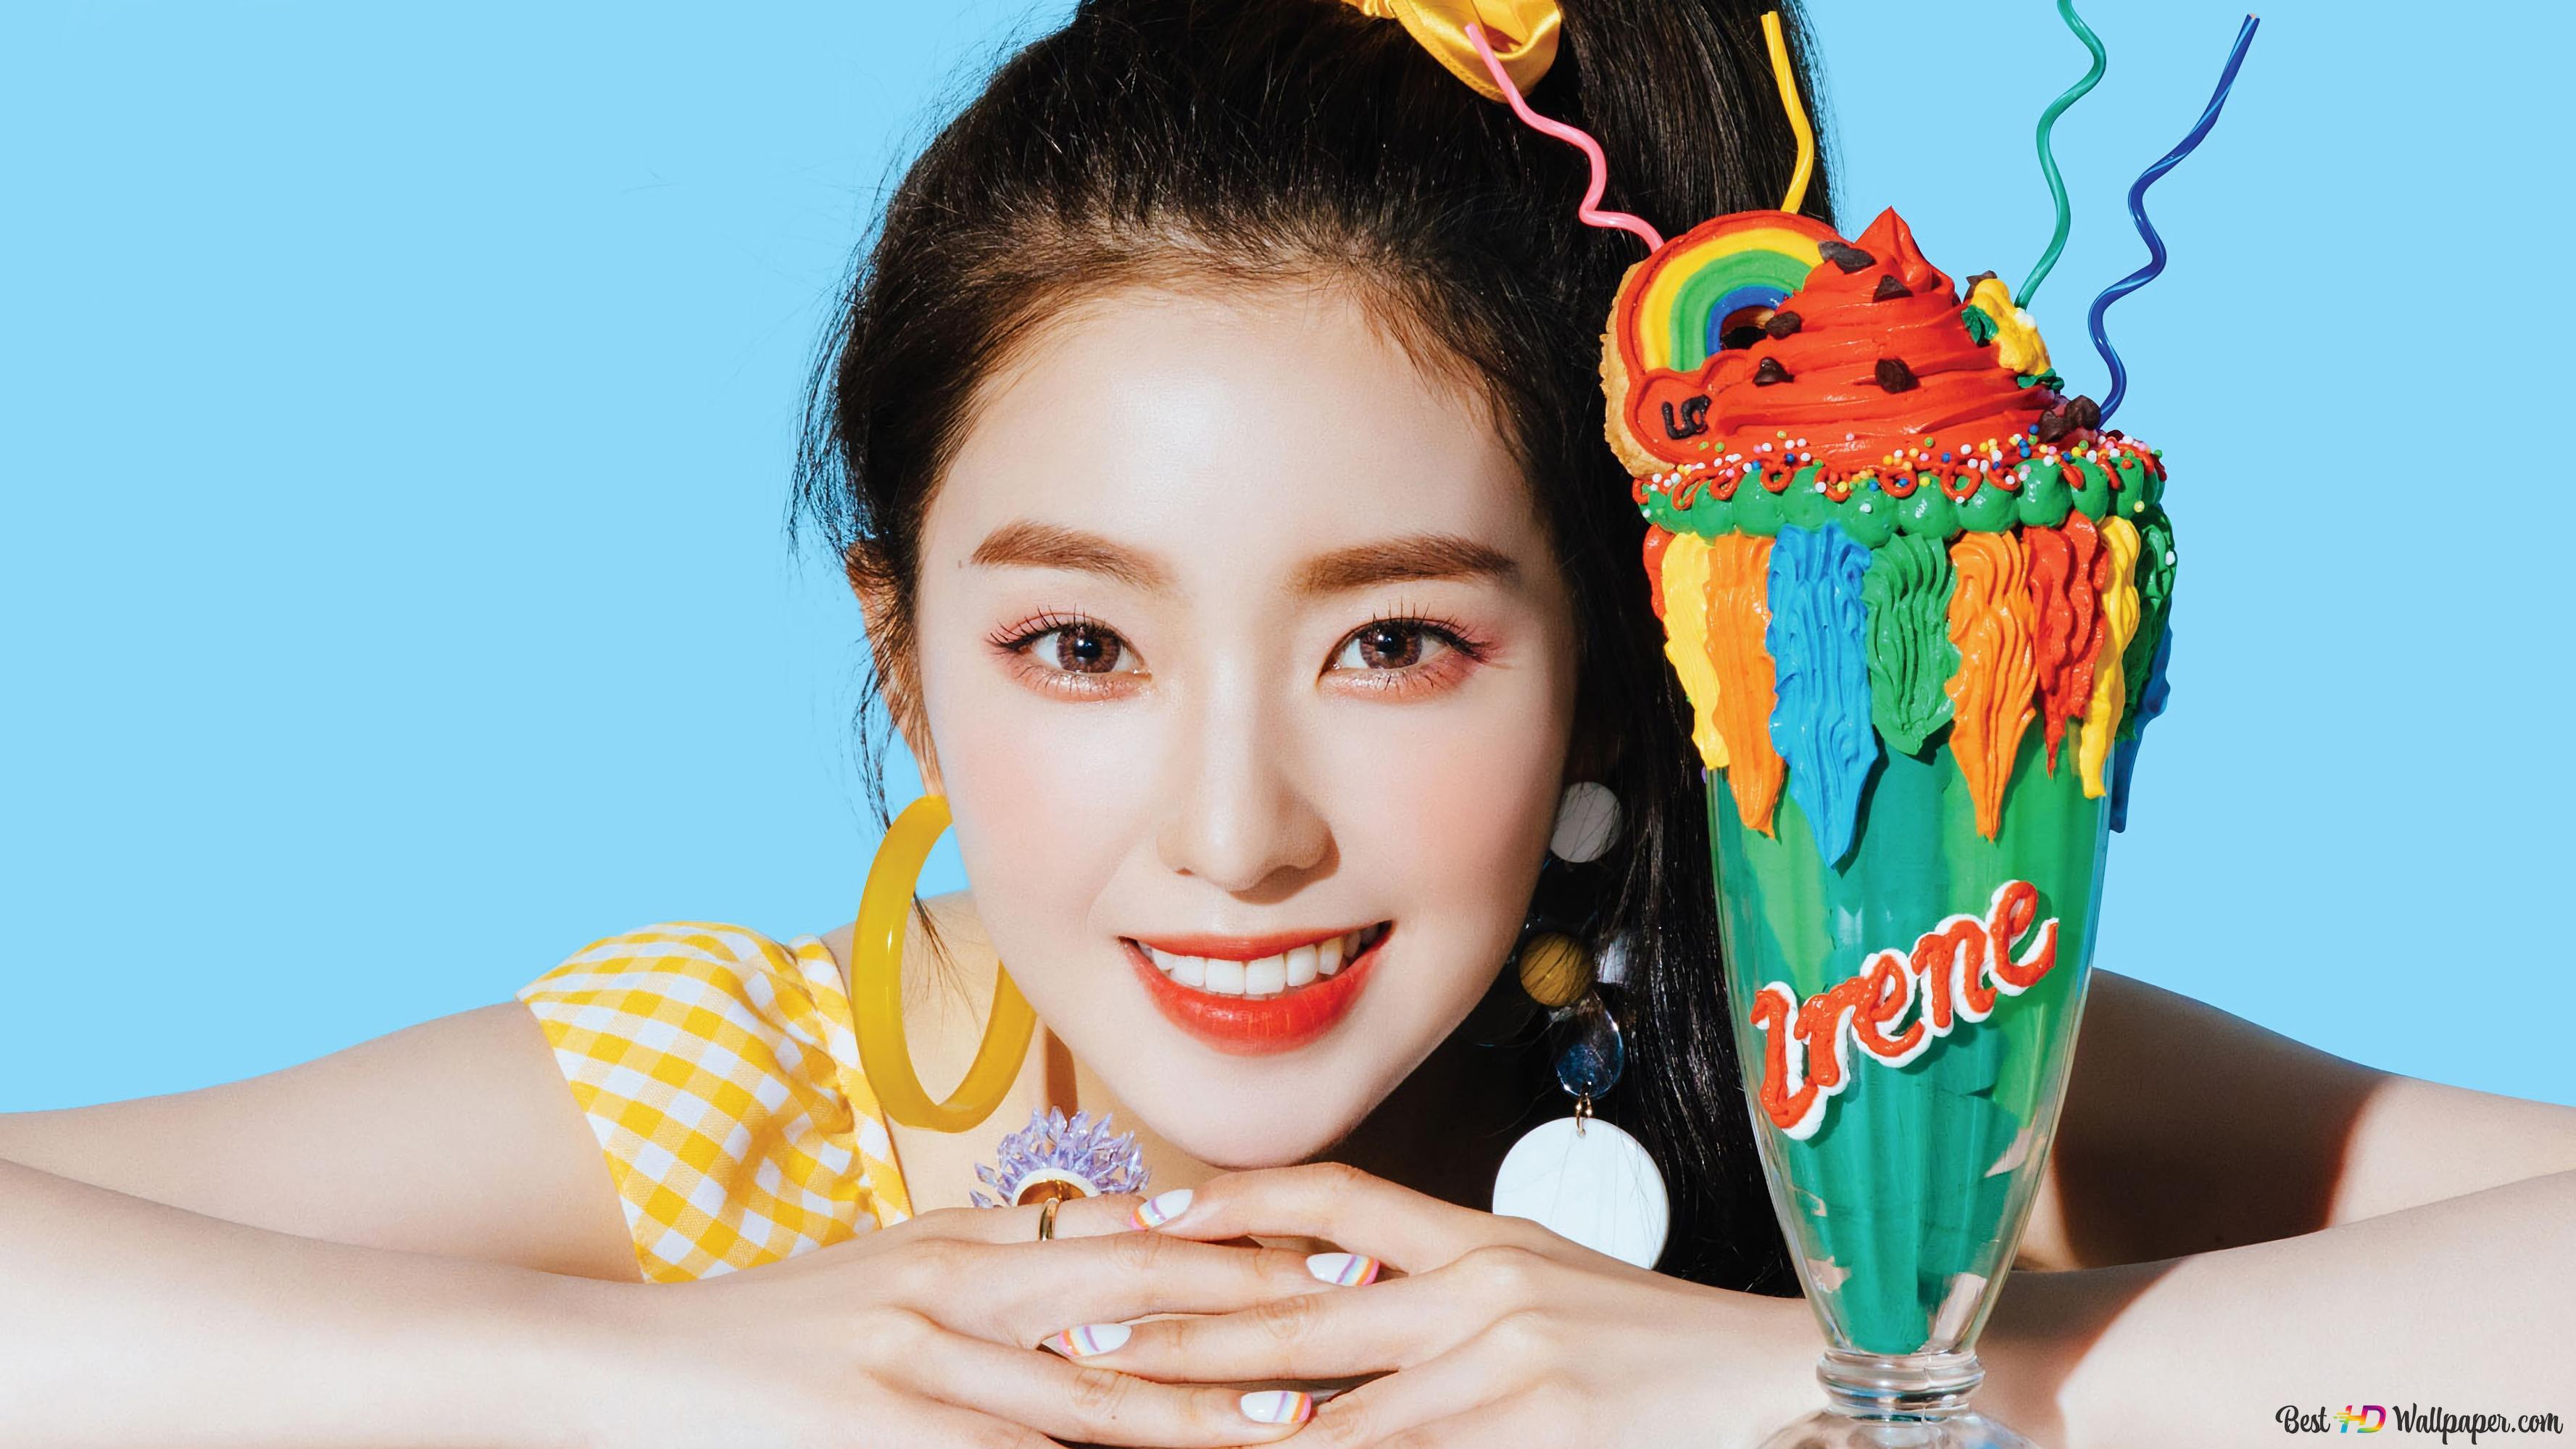 Red Velvet Irene In Power Up Mv Hd Wallpaper Download